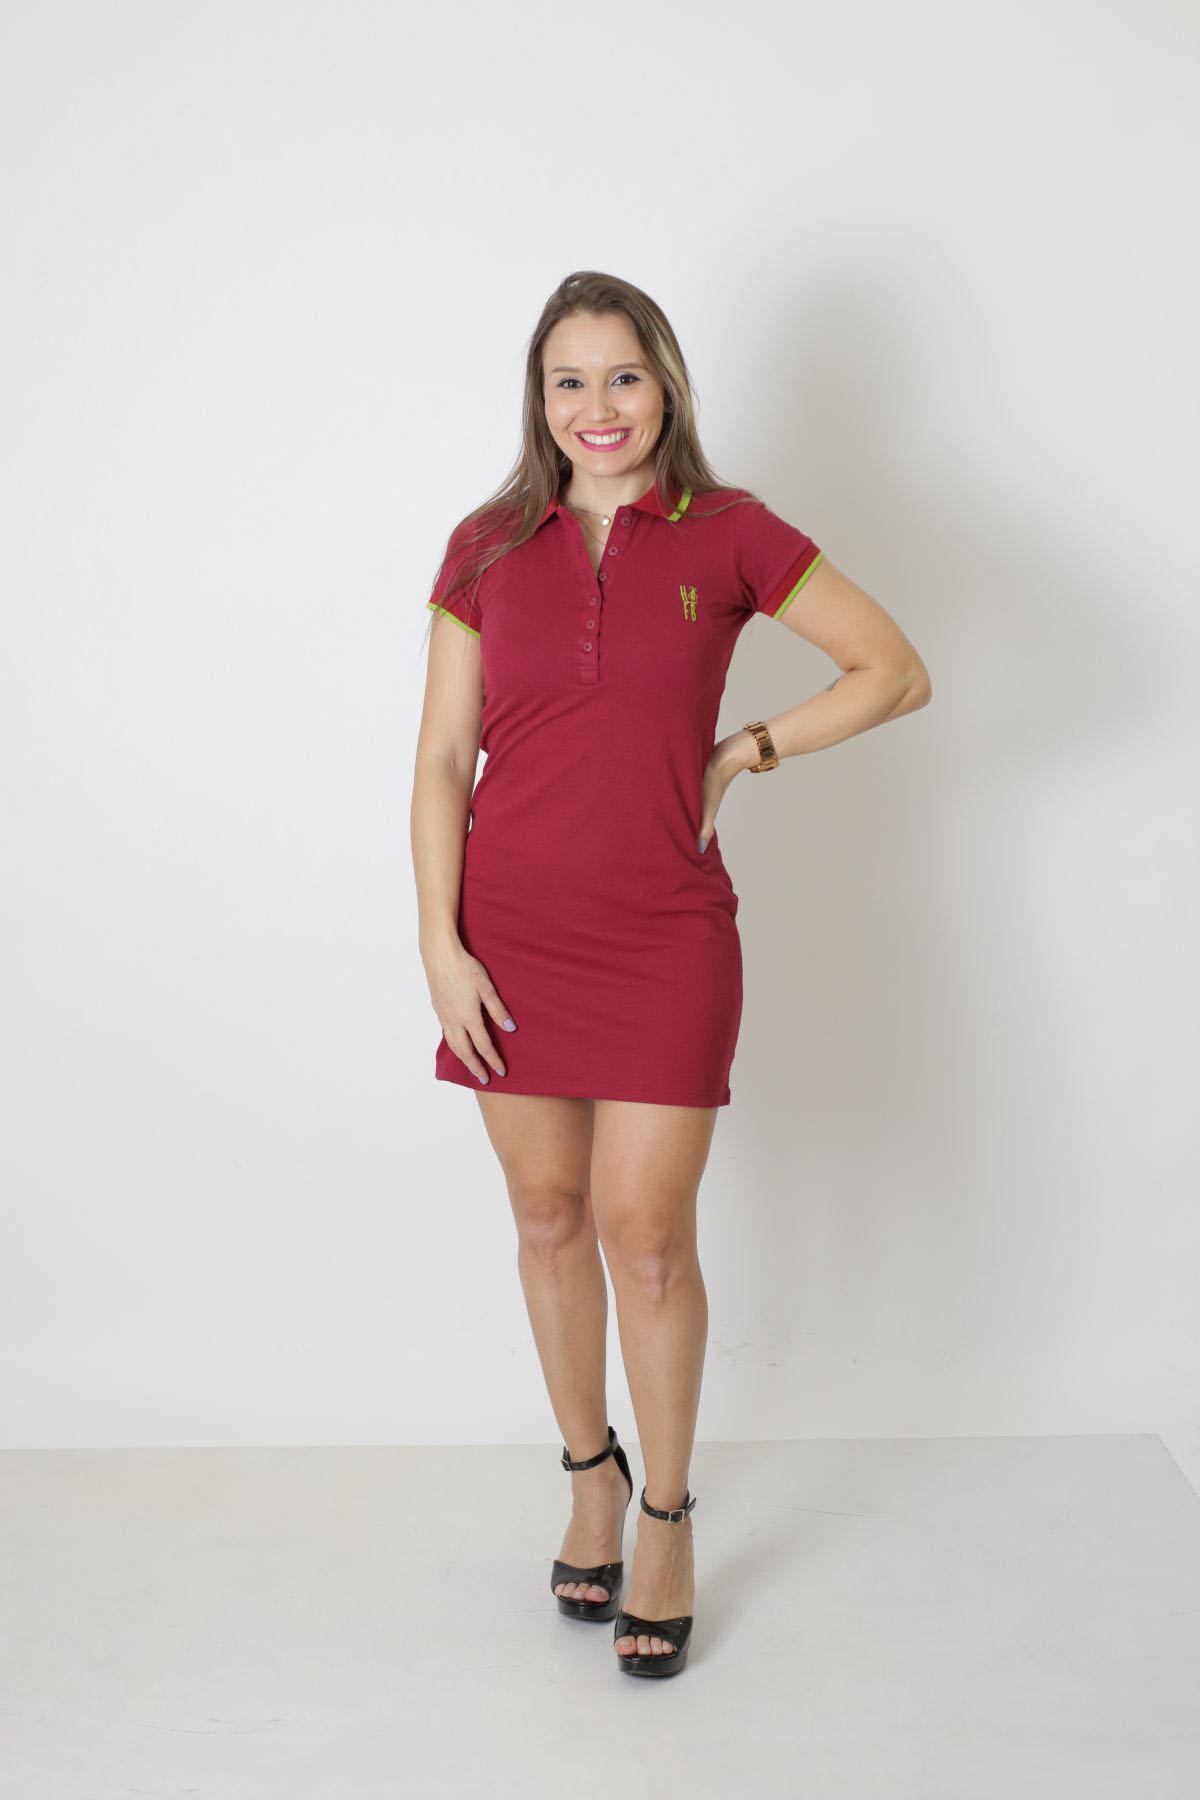 Vestido Polo Bordo  - Heitor Fashion Brazil